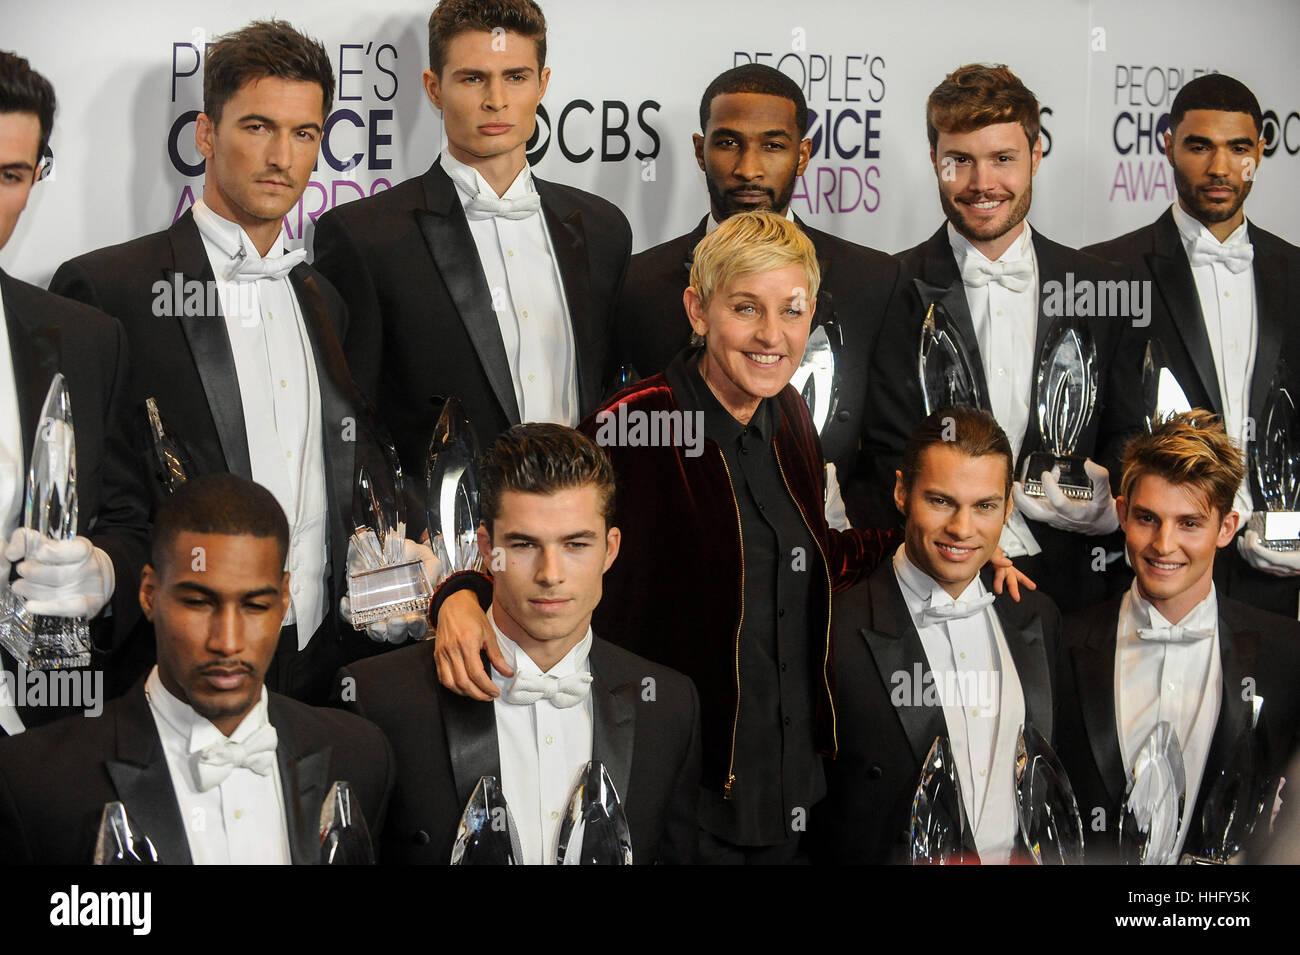 Los Angeles, Estados Unidos. 18 ene, 2017. Ellen DeGeneres (C), ganador del día favorito presentador de televisión, Foto de stock